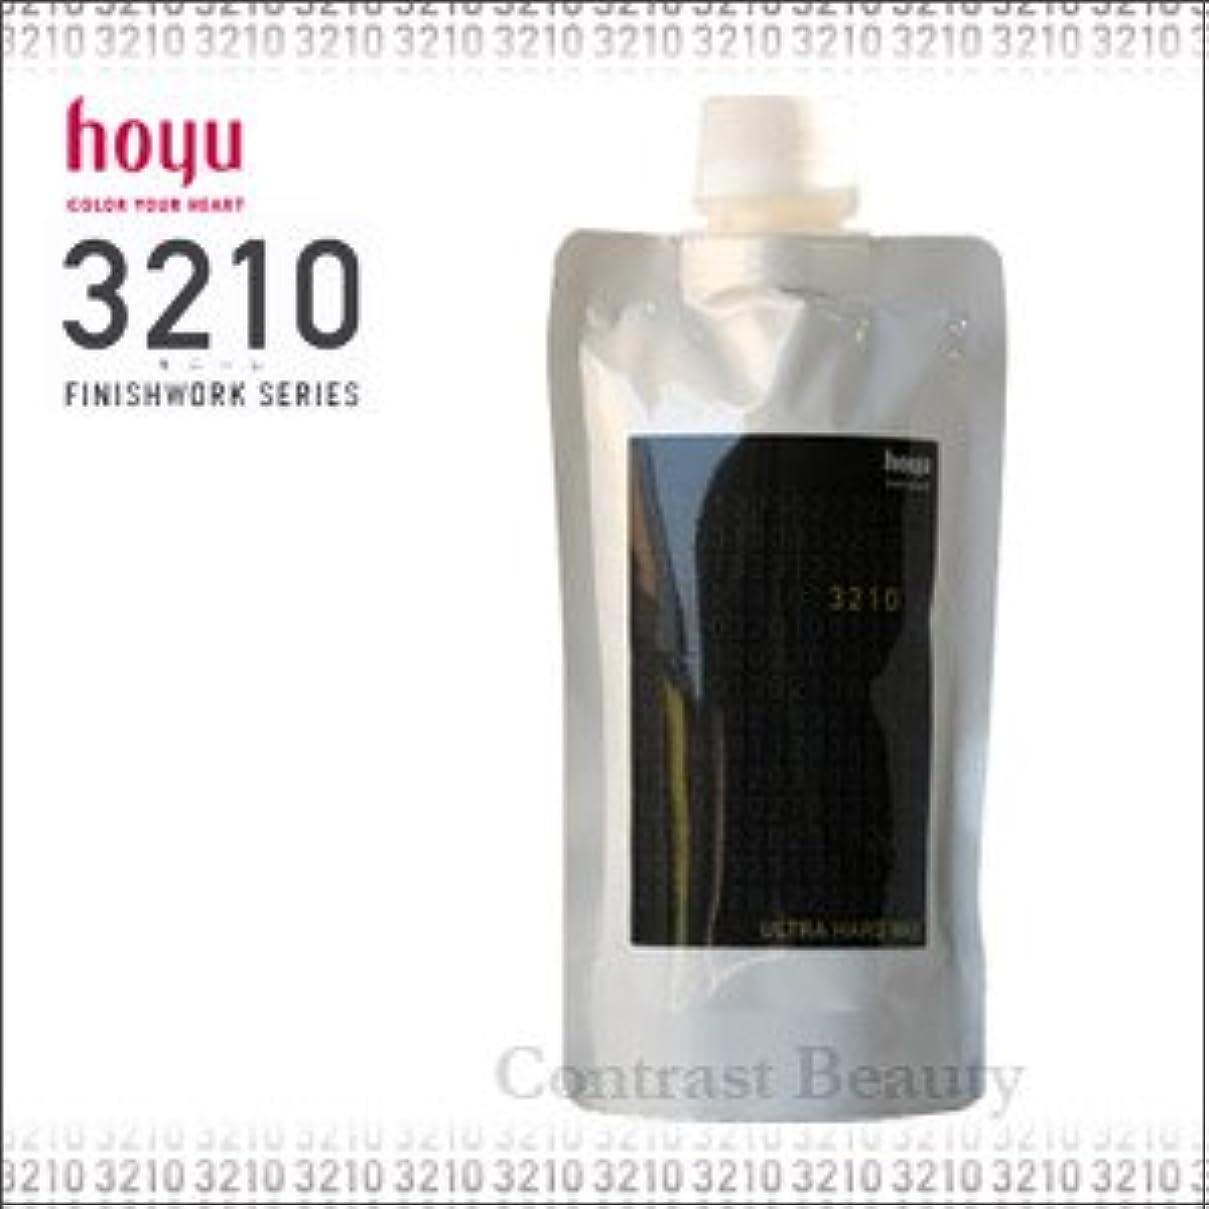 認識肥沃な注入【X2個セット】 ホーユー ミニーレ ウルトラハードワックス 200g 詰替え用